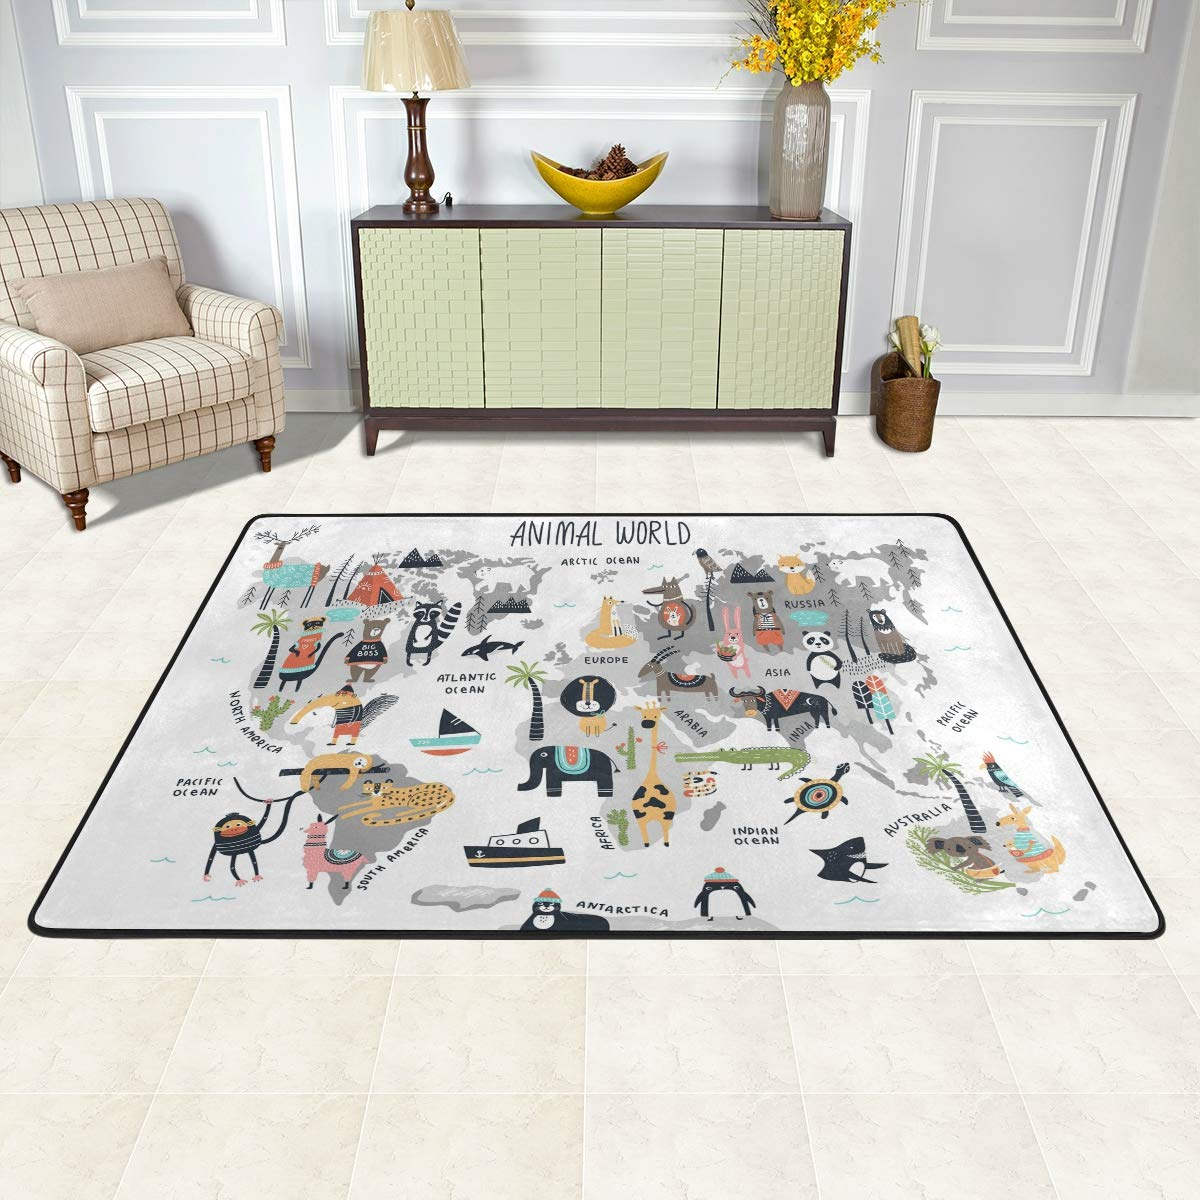 Redecor Teppich Kinderzimmer Wohnzimmerteppich Schlafzimmer K/¨/¹Che rutschfest 91x60 cm Weltkarte Tiere